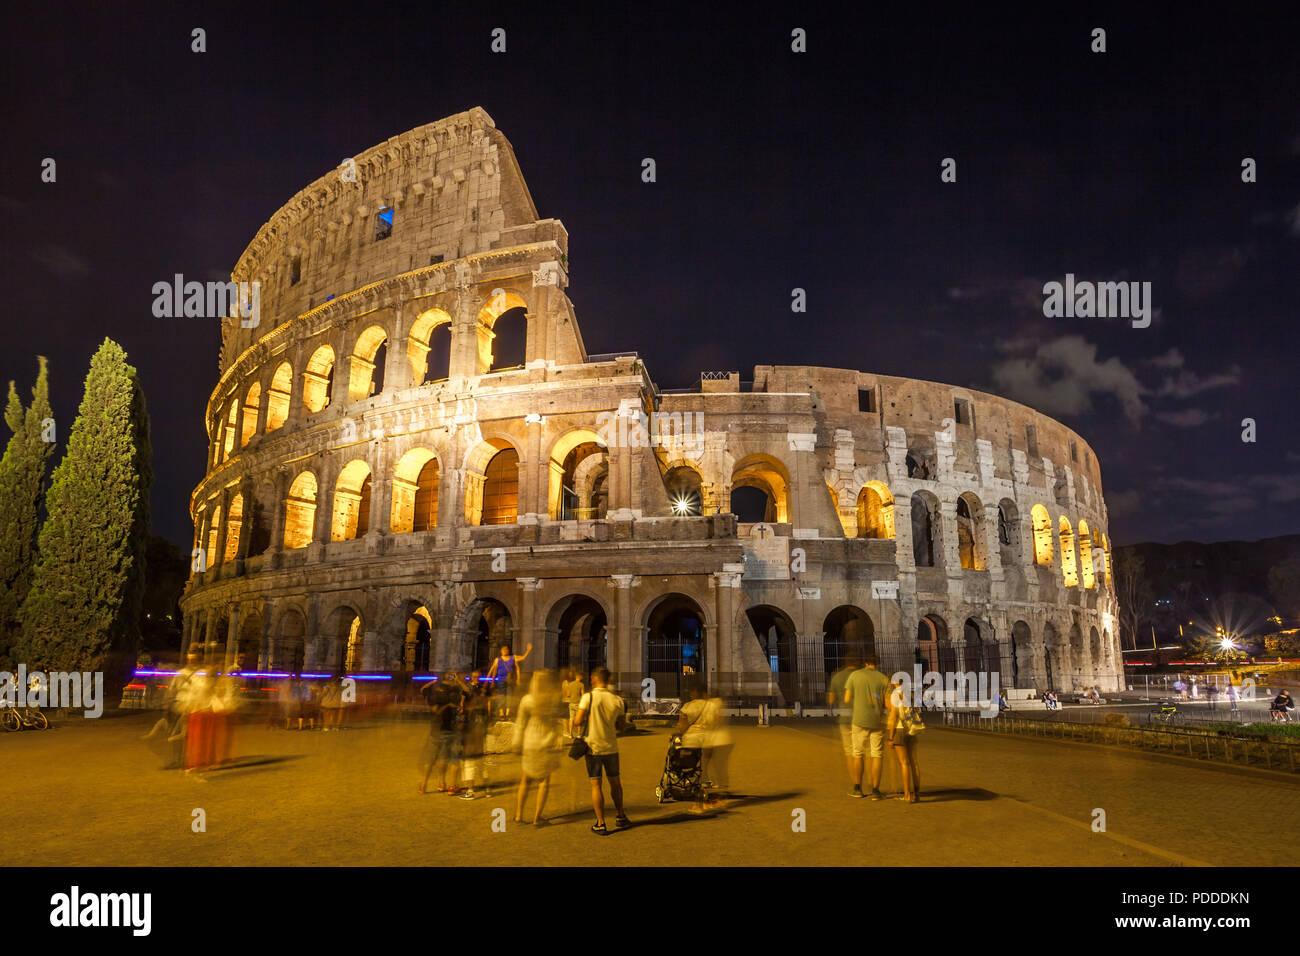 Colosseo di Roma (Colosseo) di notte, una delle principali attrazioni di viaggio a Roma. L'Italia. Immagini Stock